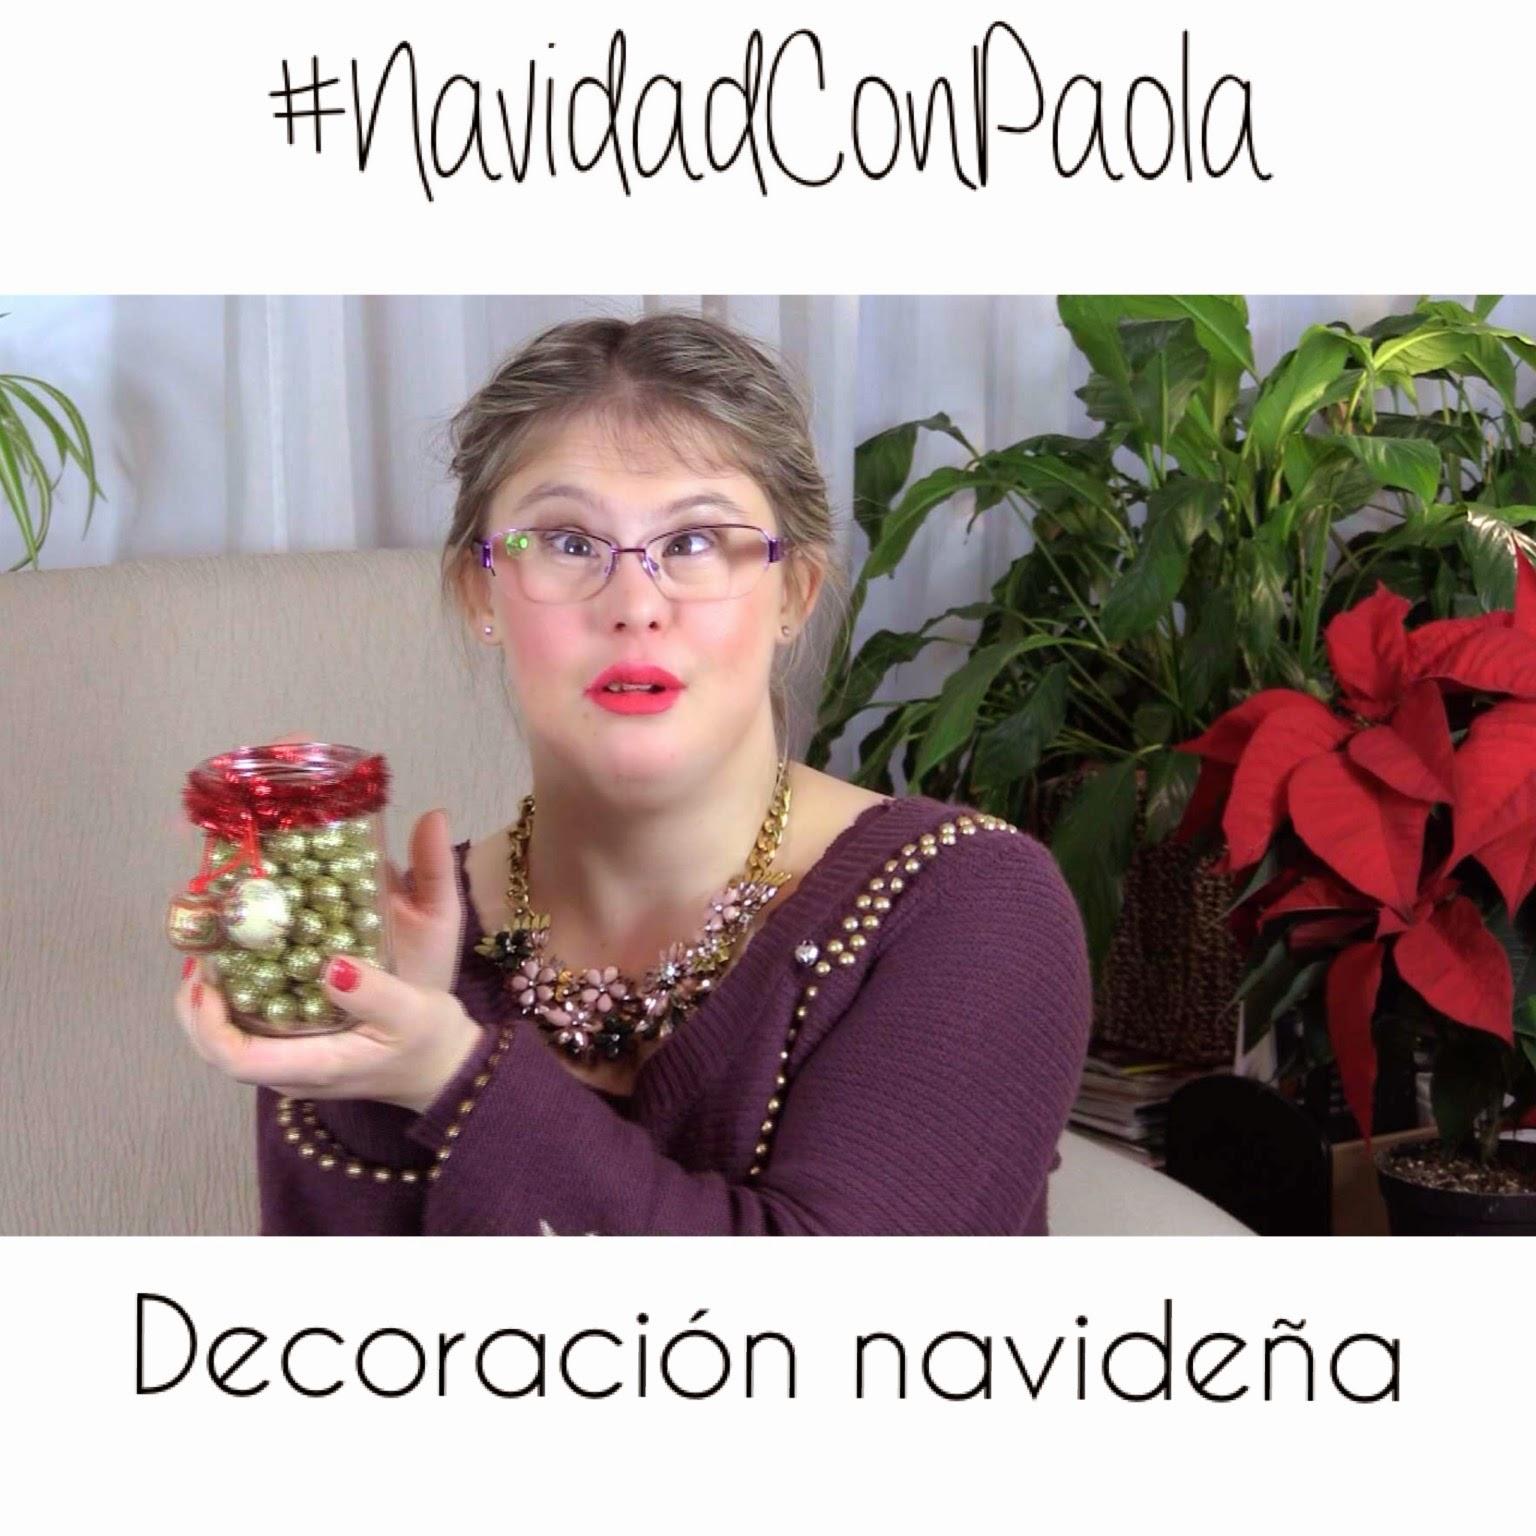 Via paola blog navidadconpaola decoraci n navide a - Decoracion navidena sencilla ...